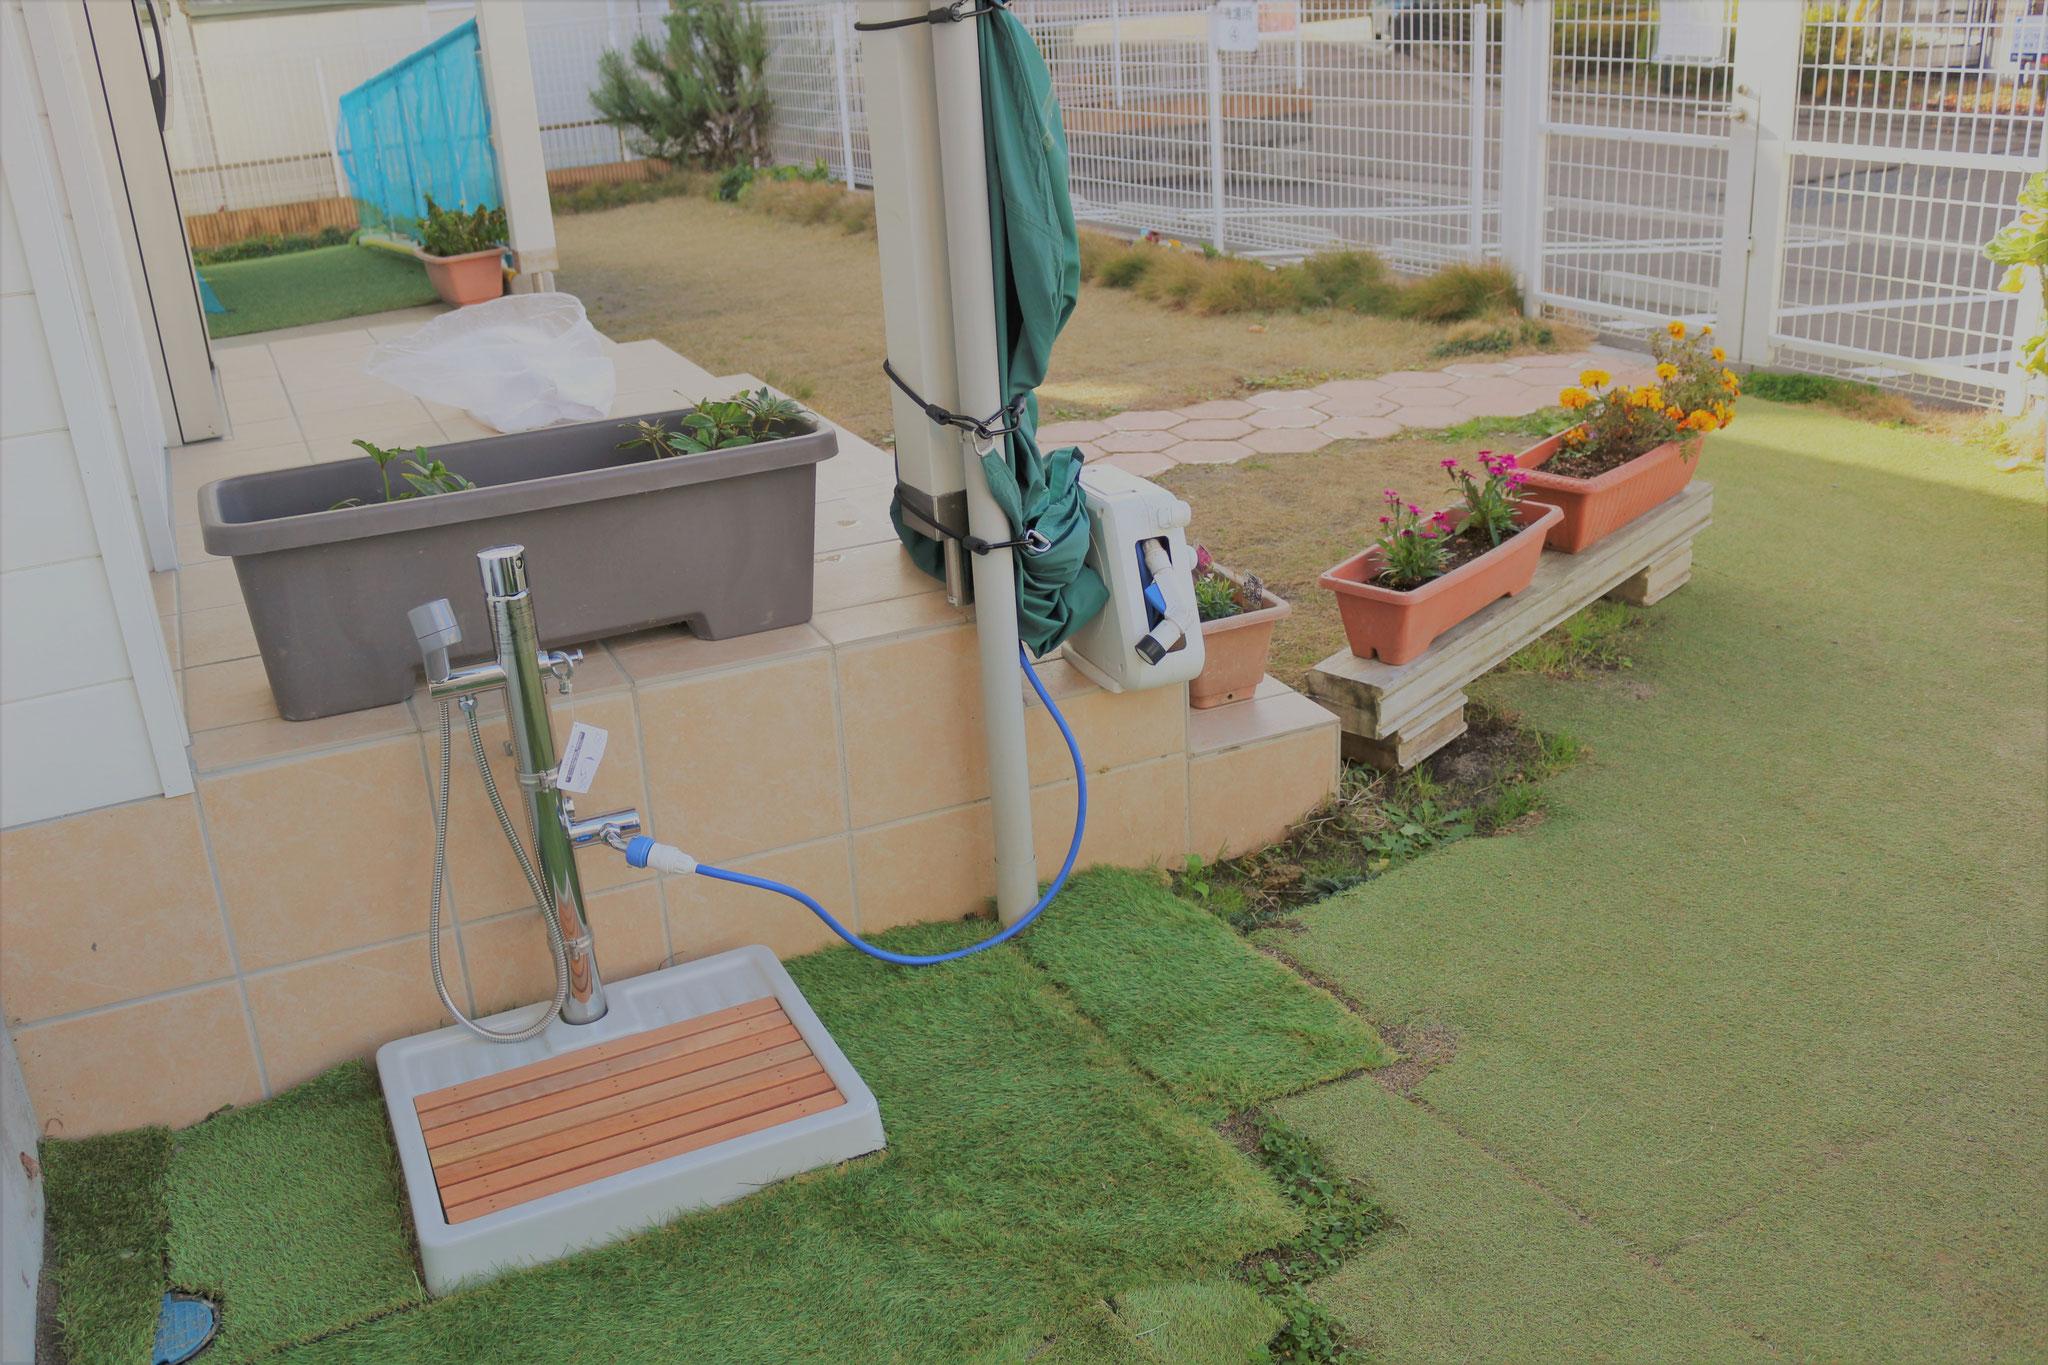 園庭に手足洗い場が完成しました。温水シャワーも出ます。